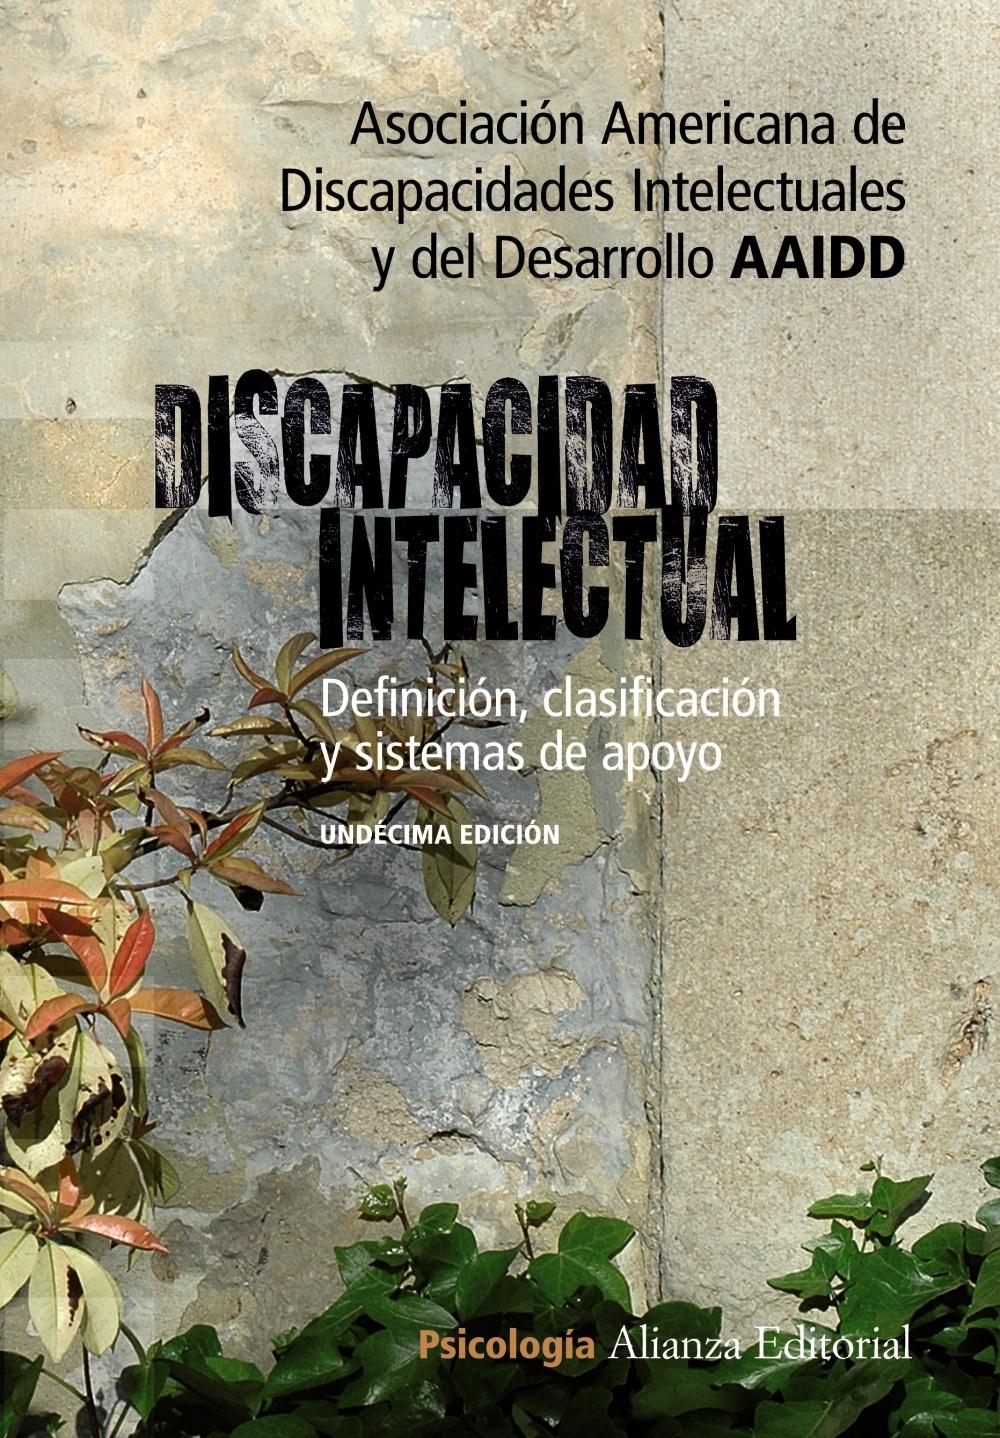 DISCAPACIDAD INTELECTUAL: DEFINICIÓN, CLASIFICACIÓN Y SISTEMAS DE APOYO - 11 EDICIÓN